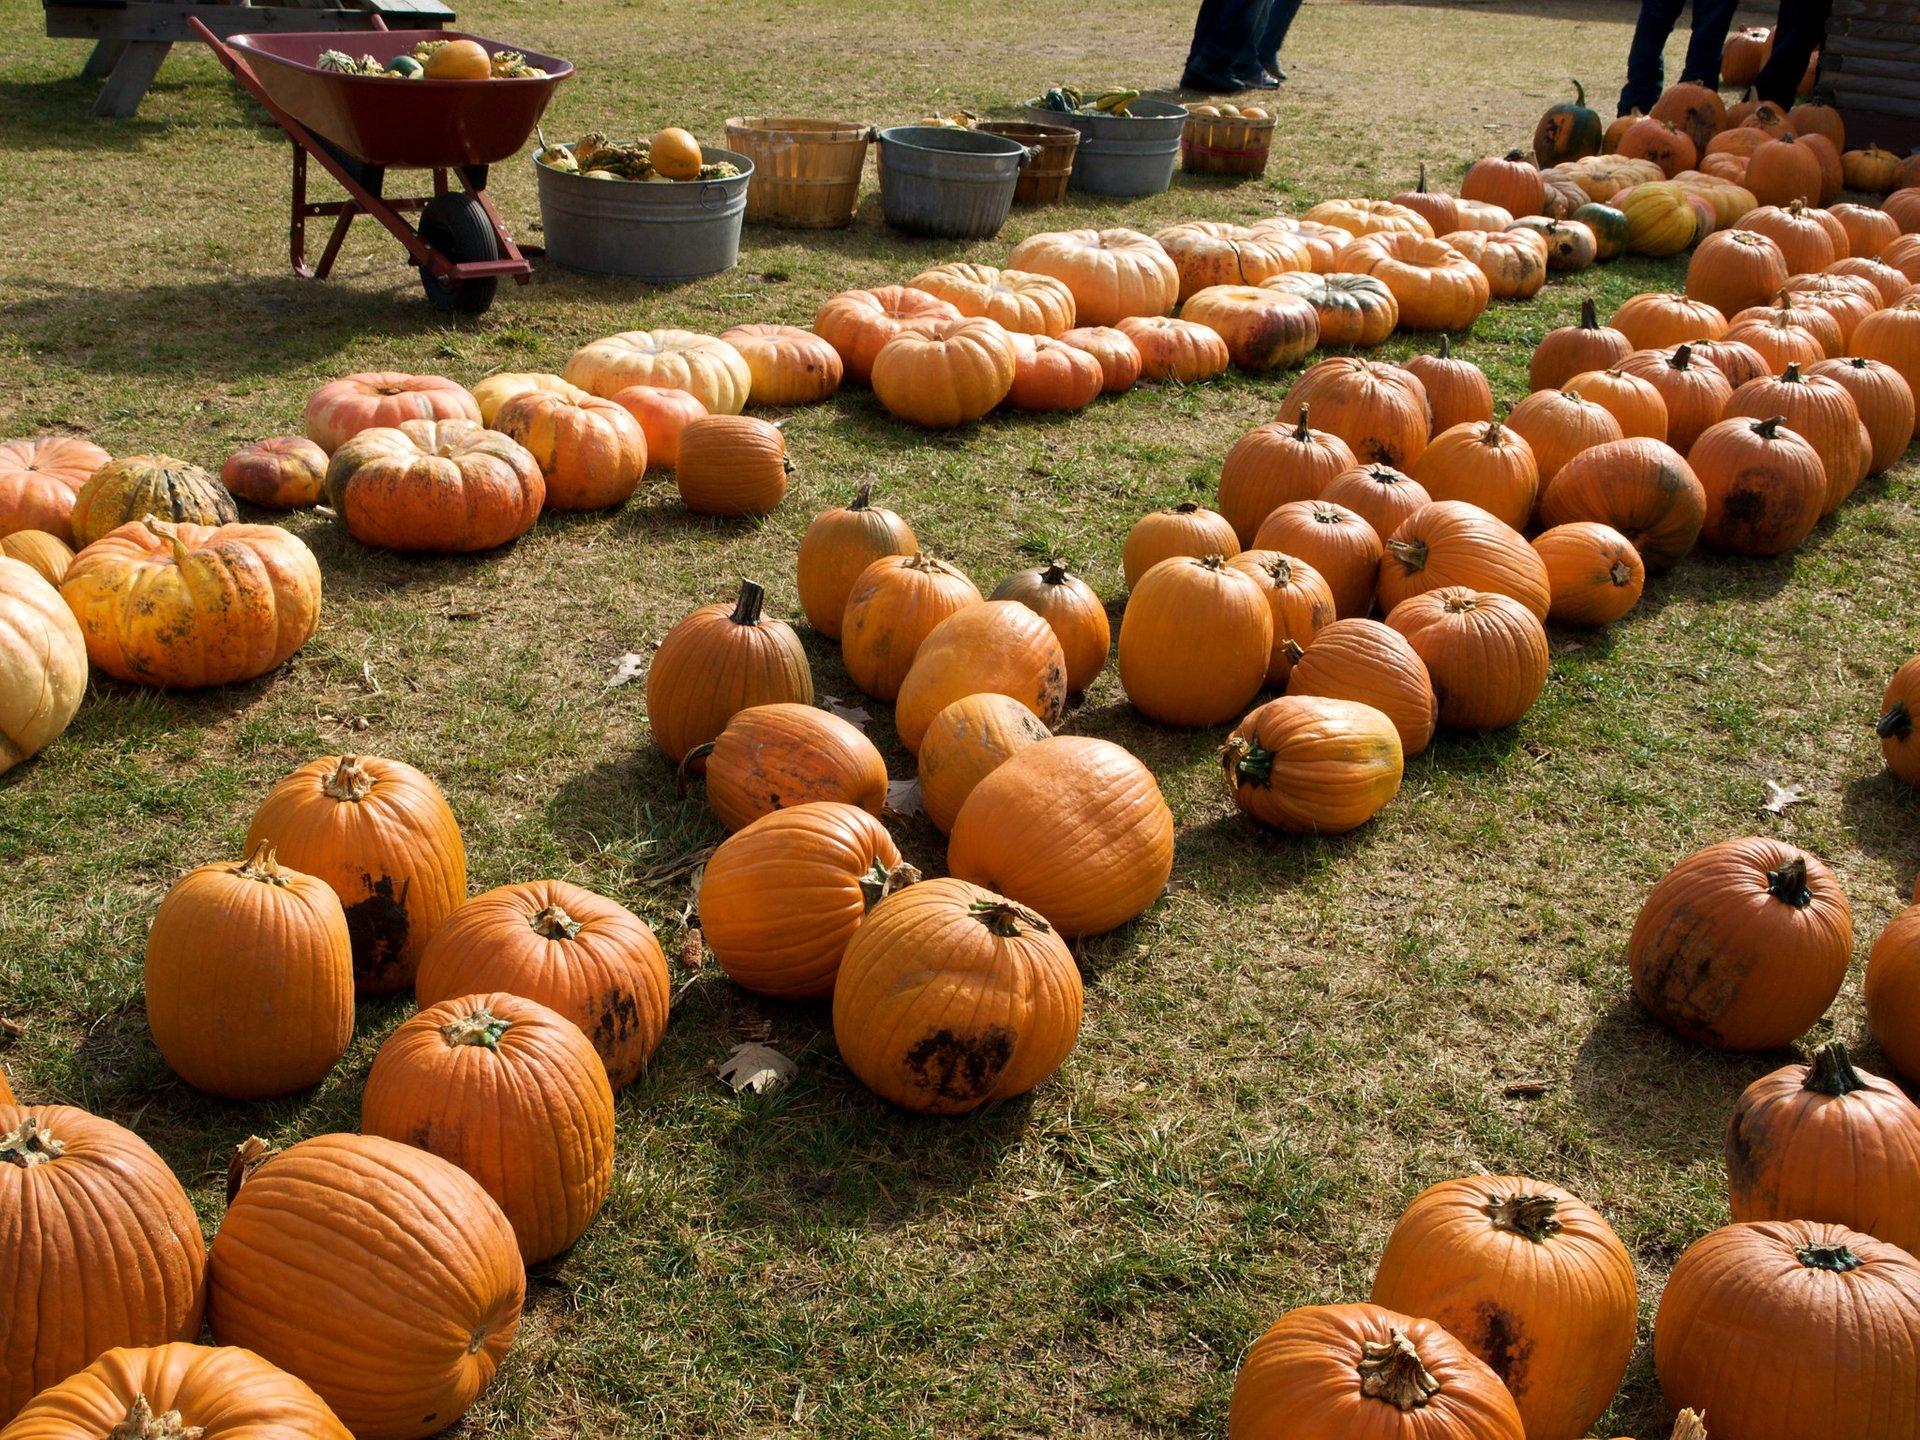 Pumpkin patch at Richardson Adventure Farm 2020